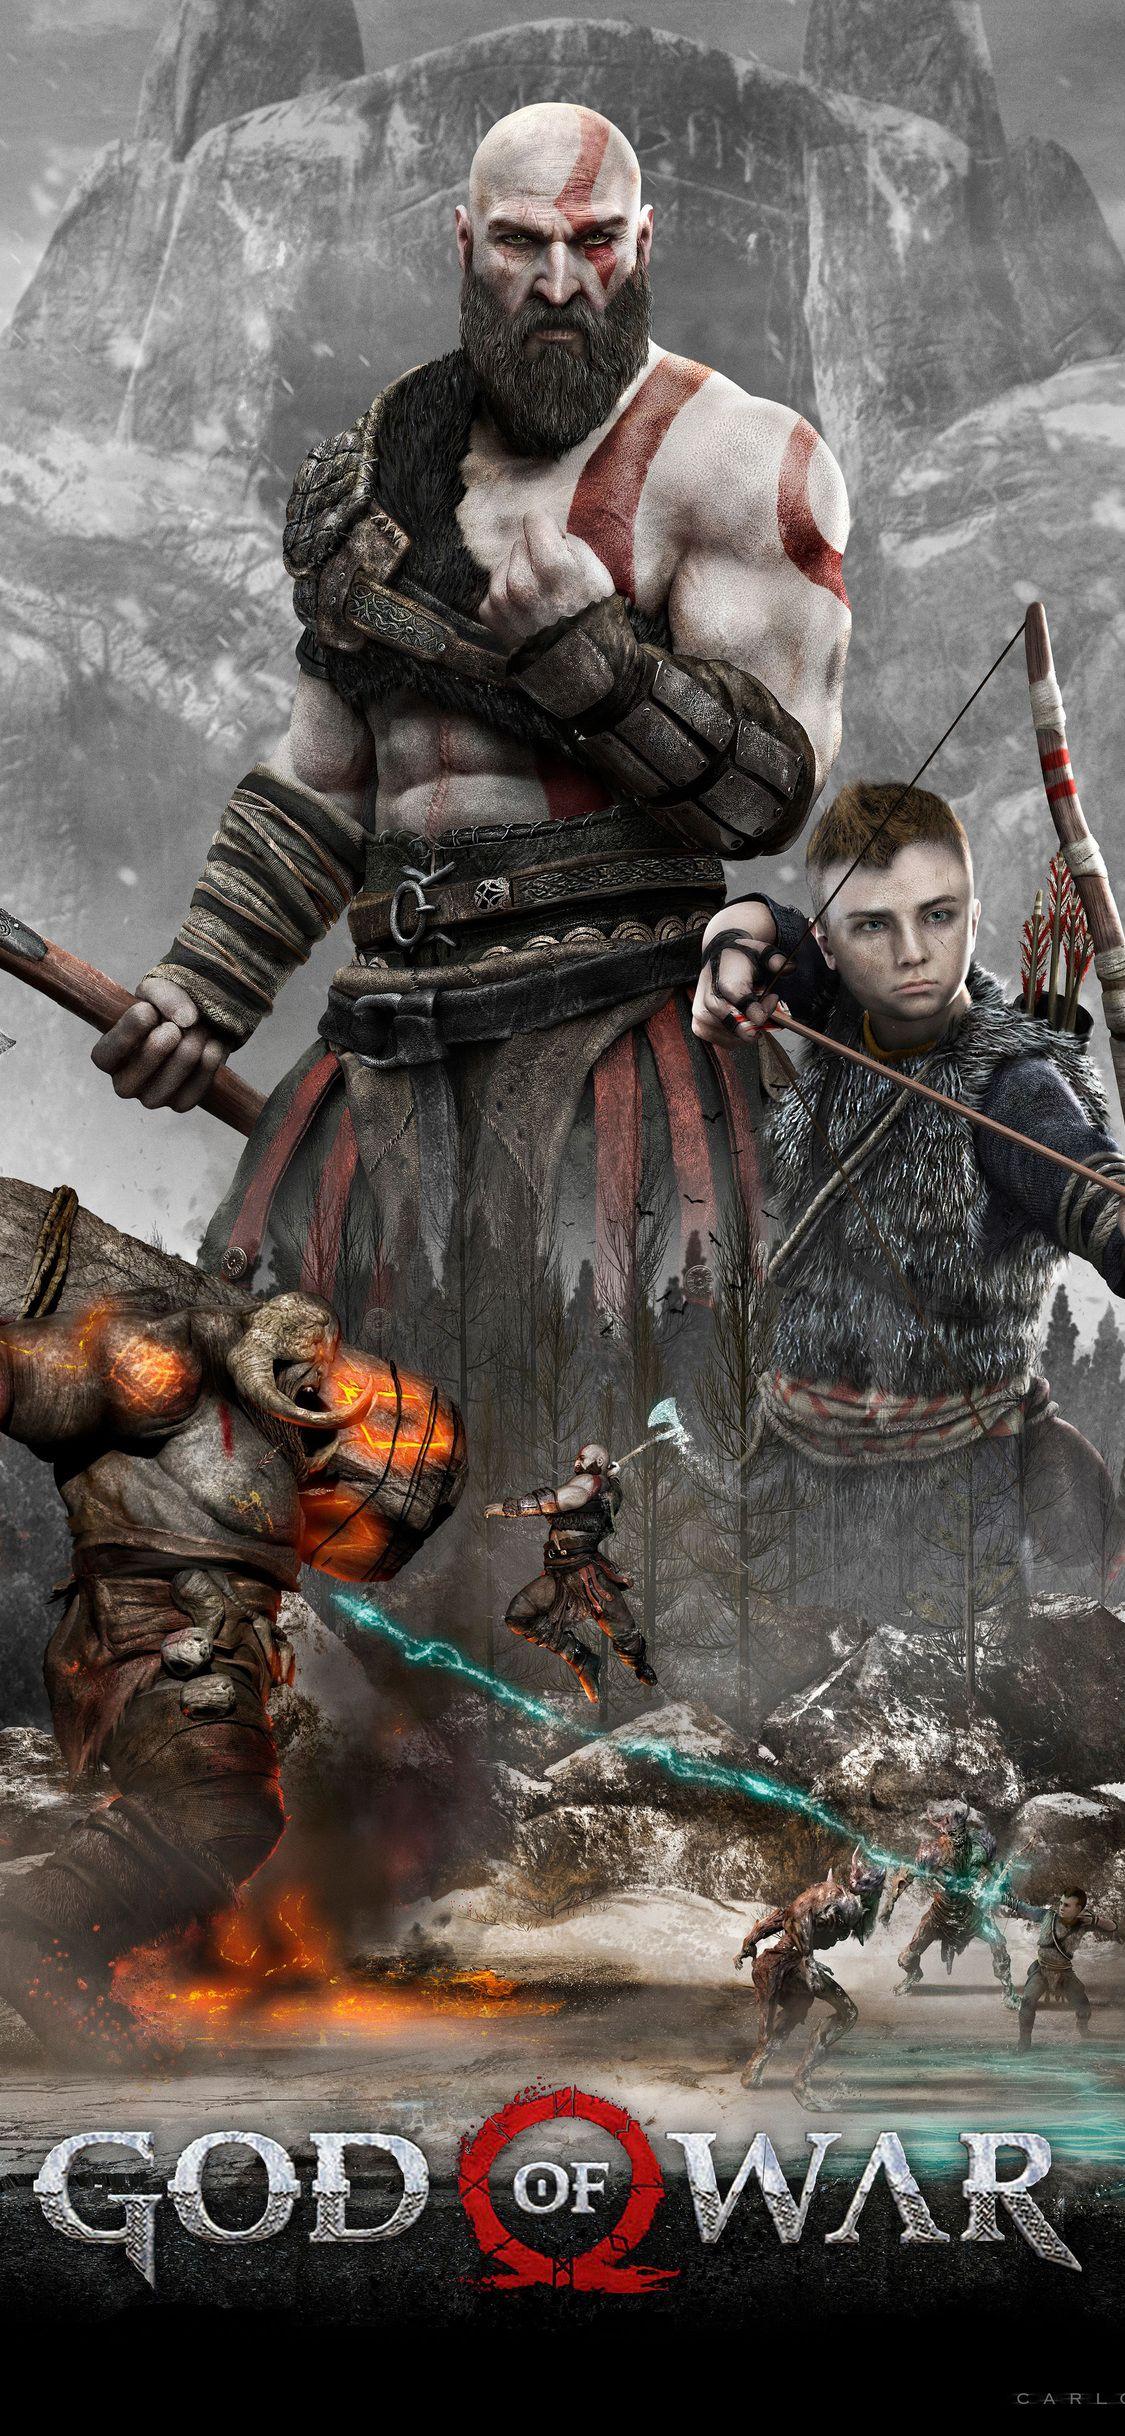 Kratos And Atreus God Of War 4 4k 2018 Iphone Xs,iphone - God Of War Wallpaper Phone , HD Wallpaper & Backgrounds